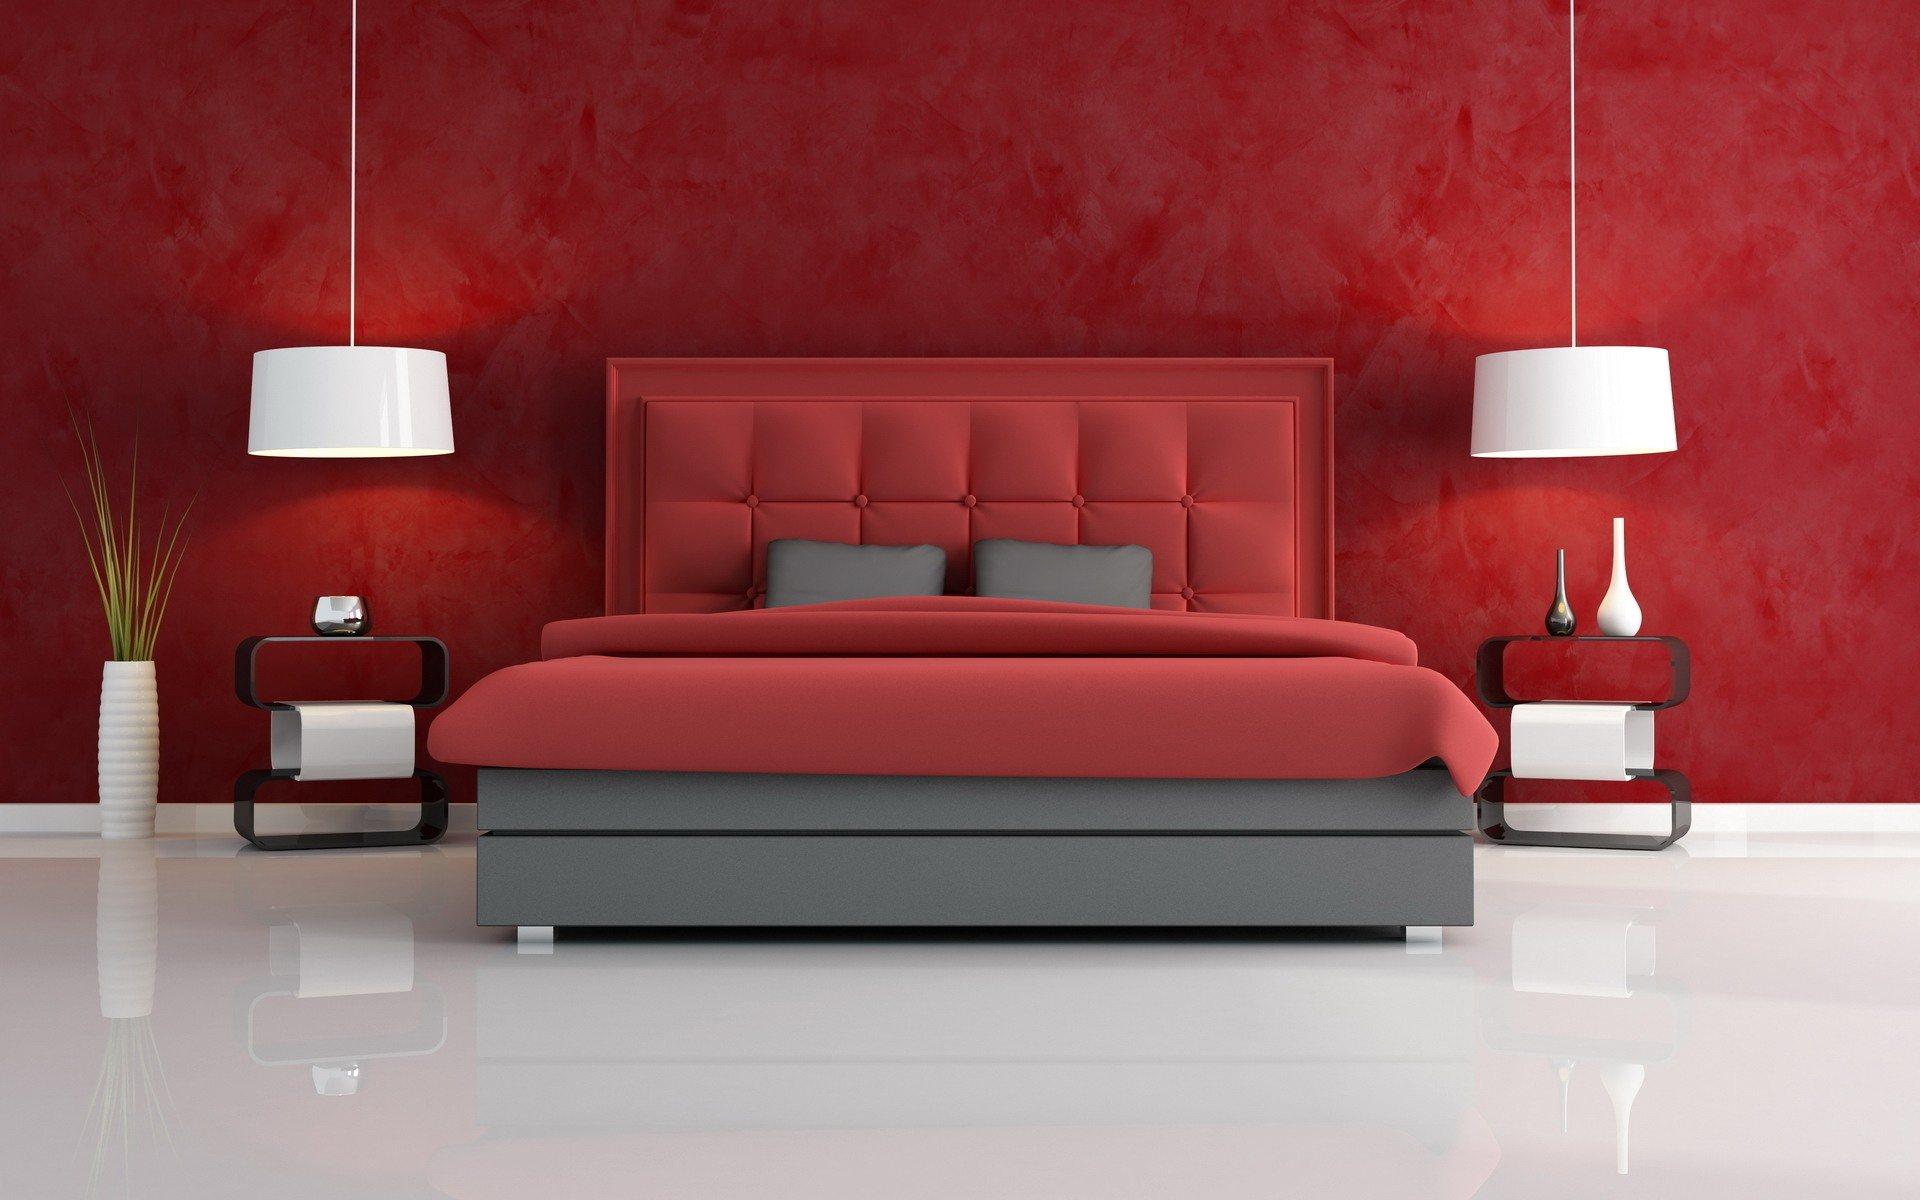 red-Bedroom-Wallpaper